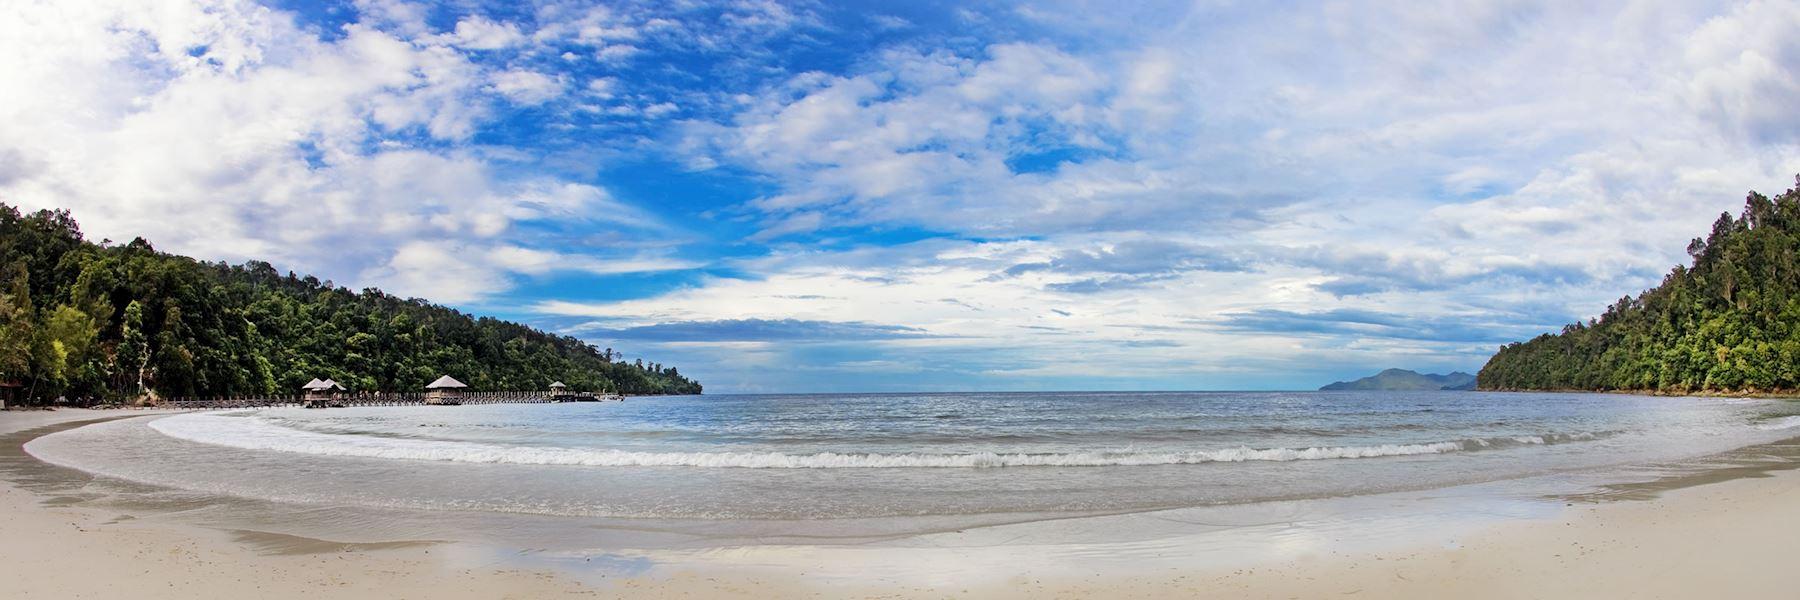 Visit Gaya Island, Borneo